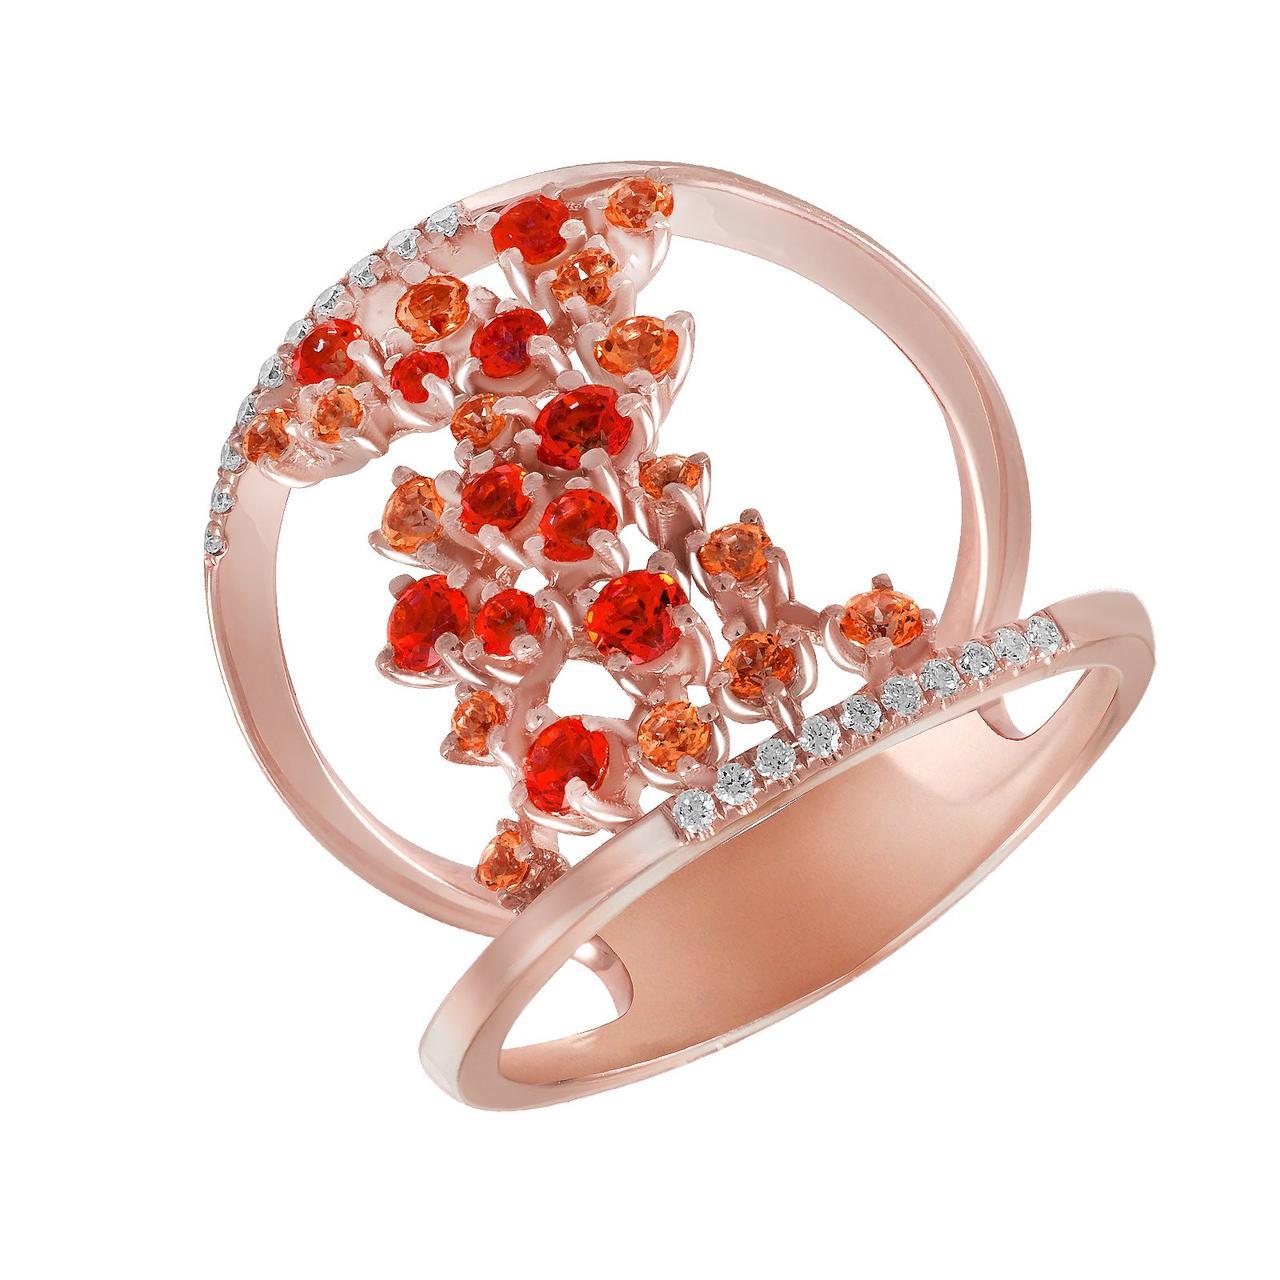 Золотое кольцо с бриллиантами и топазами, размер 17.5 (308029)